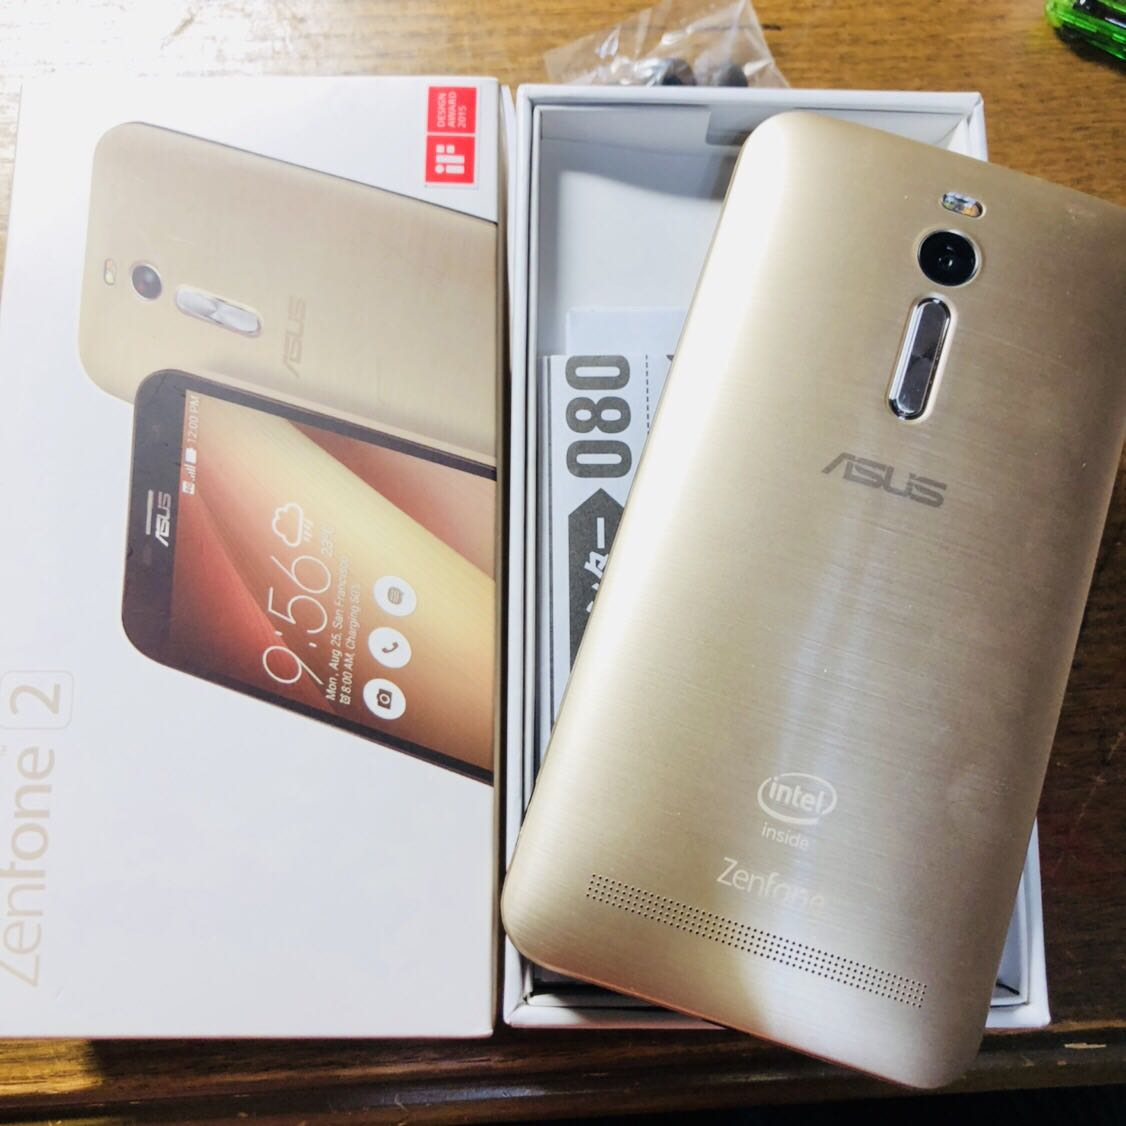 (美品)国内版 SIMフリーASUS Zenfone2 5.5インチ ( ZE551ML) 32GB LTE ブラック Dual SIM 反応 ゴールド